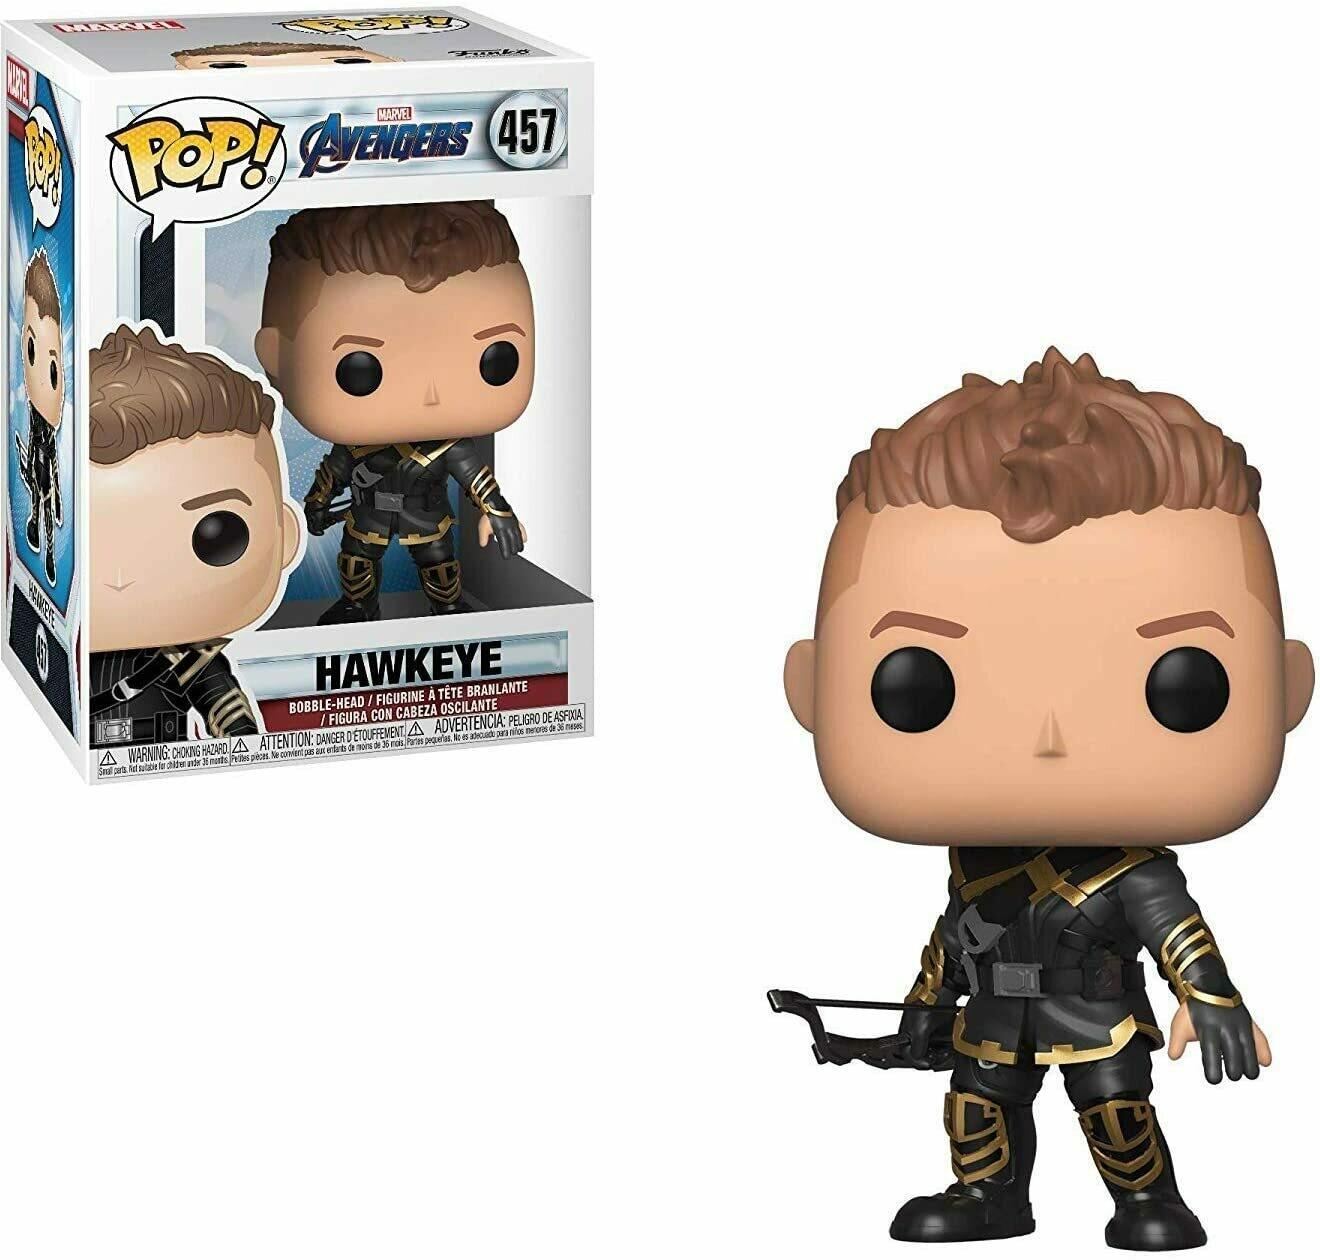 Funko Pop! Marvel: Hawkeye Avengers Endgame